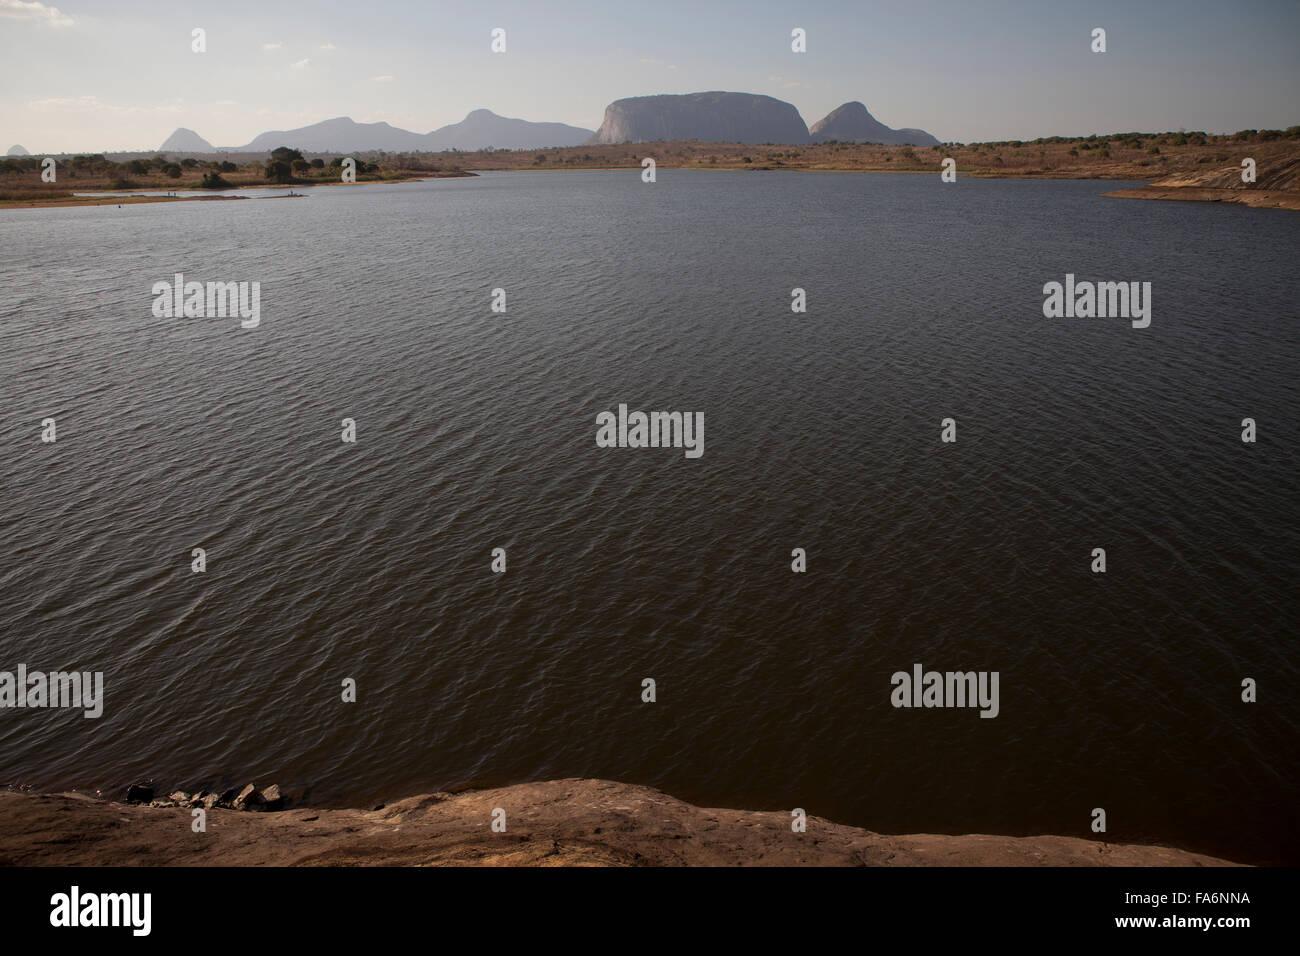 La Manapo presa suministra agua a la ciudad de Nampula, Mozambique y áreas más allá. Imagen De Stock